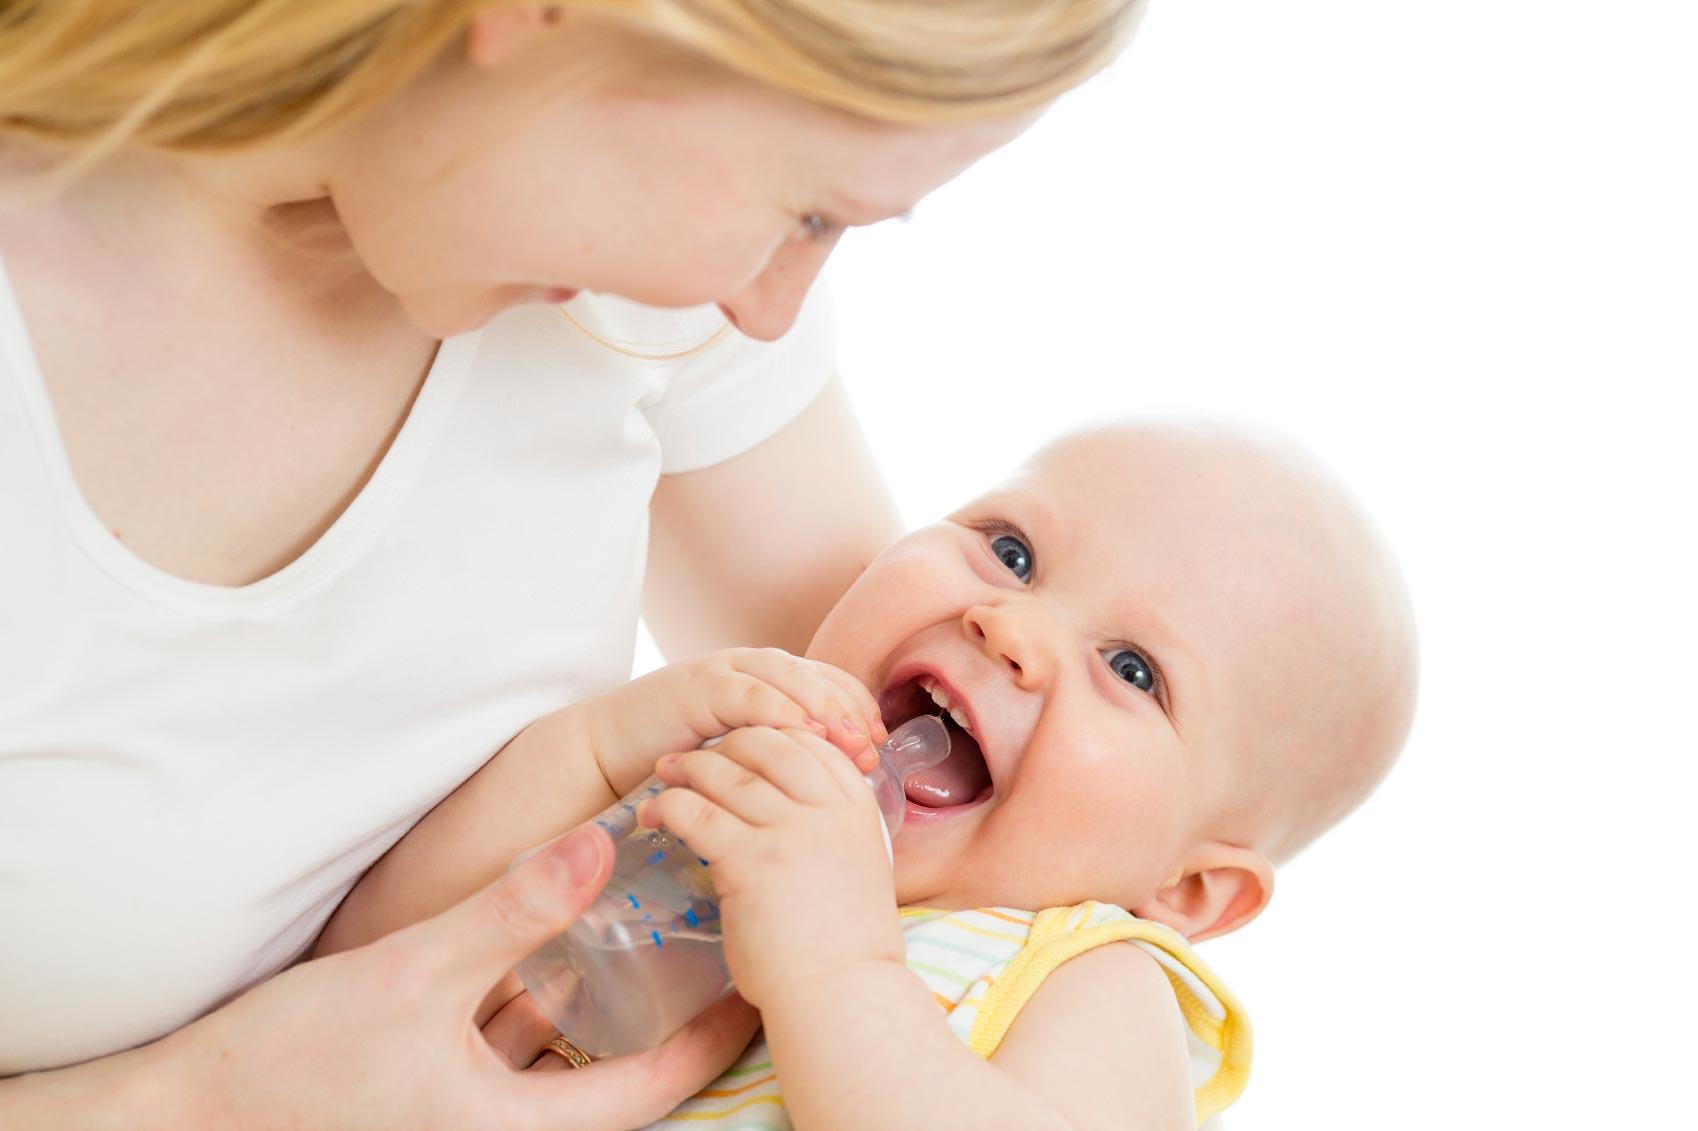 pourquoi bebe colique